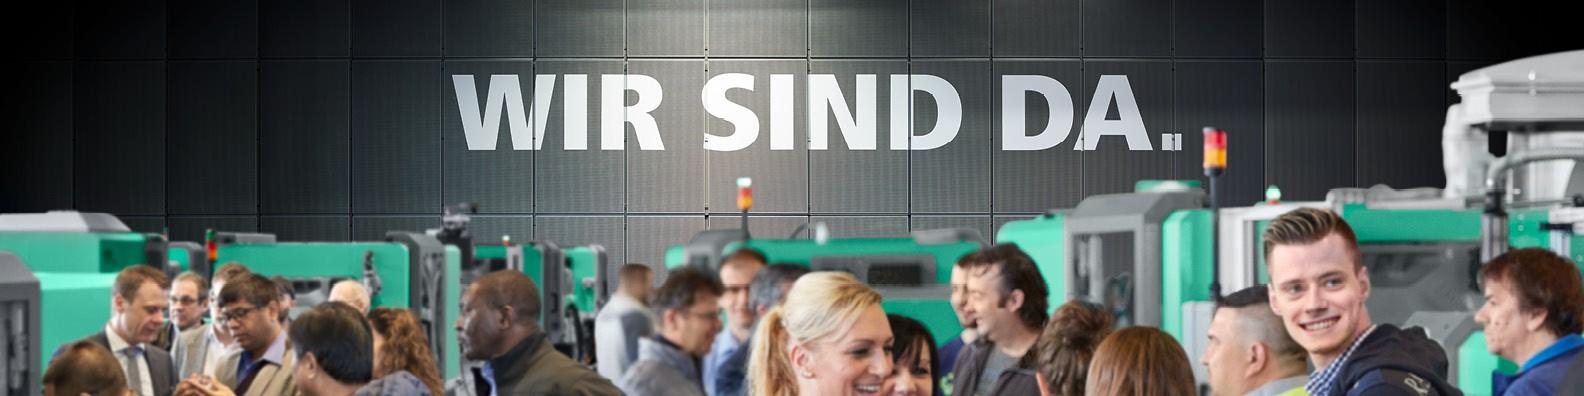 ARBURG GmbH + Co KG | LinkedIn